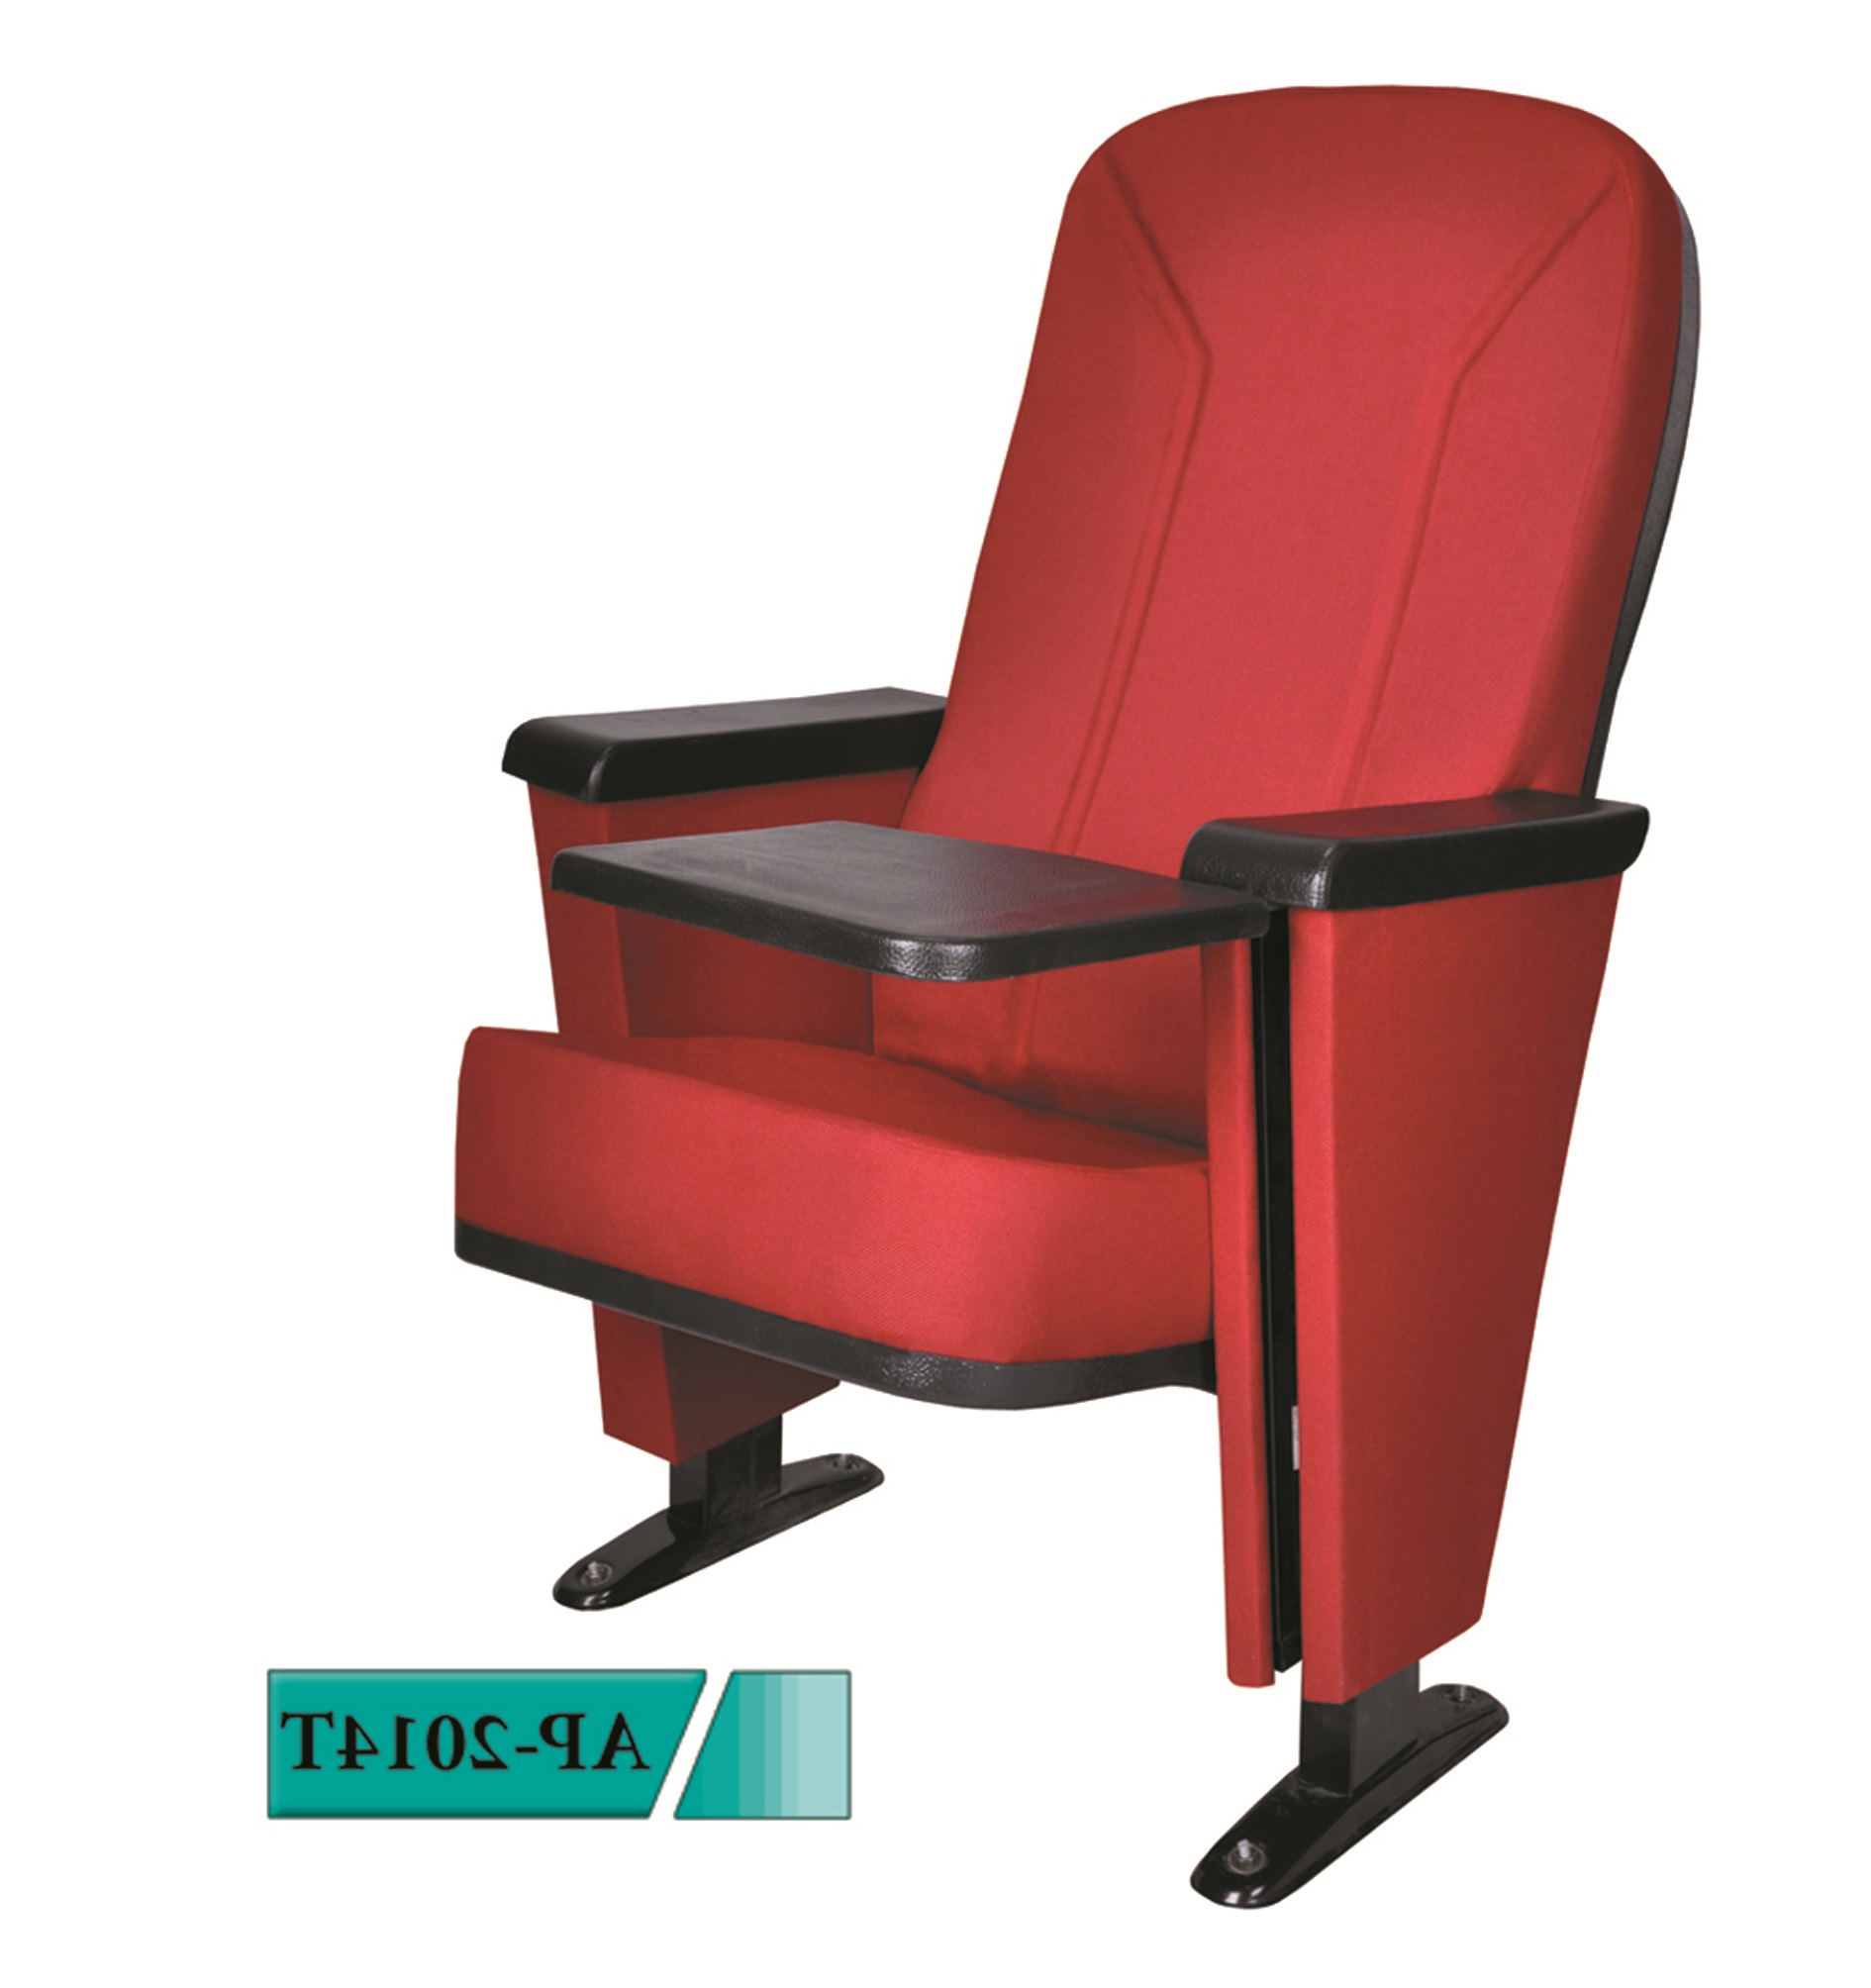 ثنکو تولید کننده و تجهیز کننده صندلی و سالنهای آمفی تئاتر